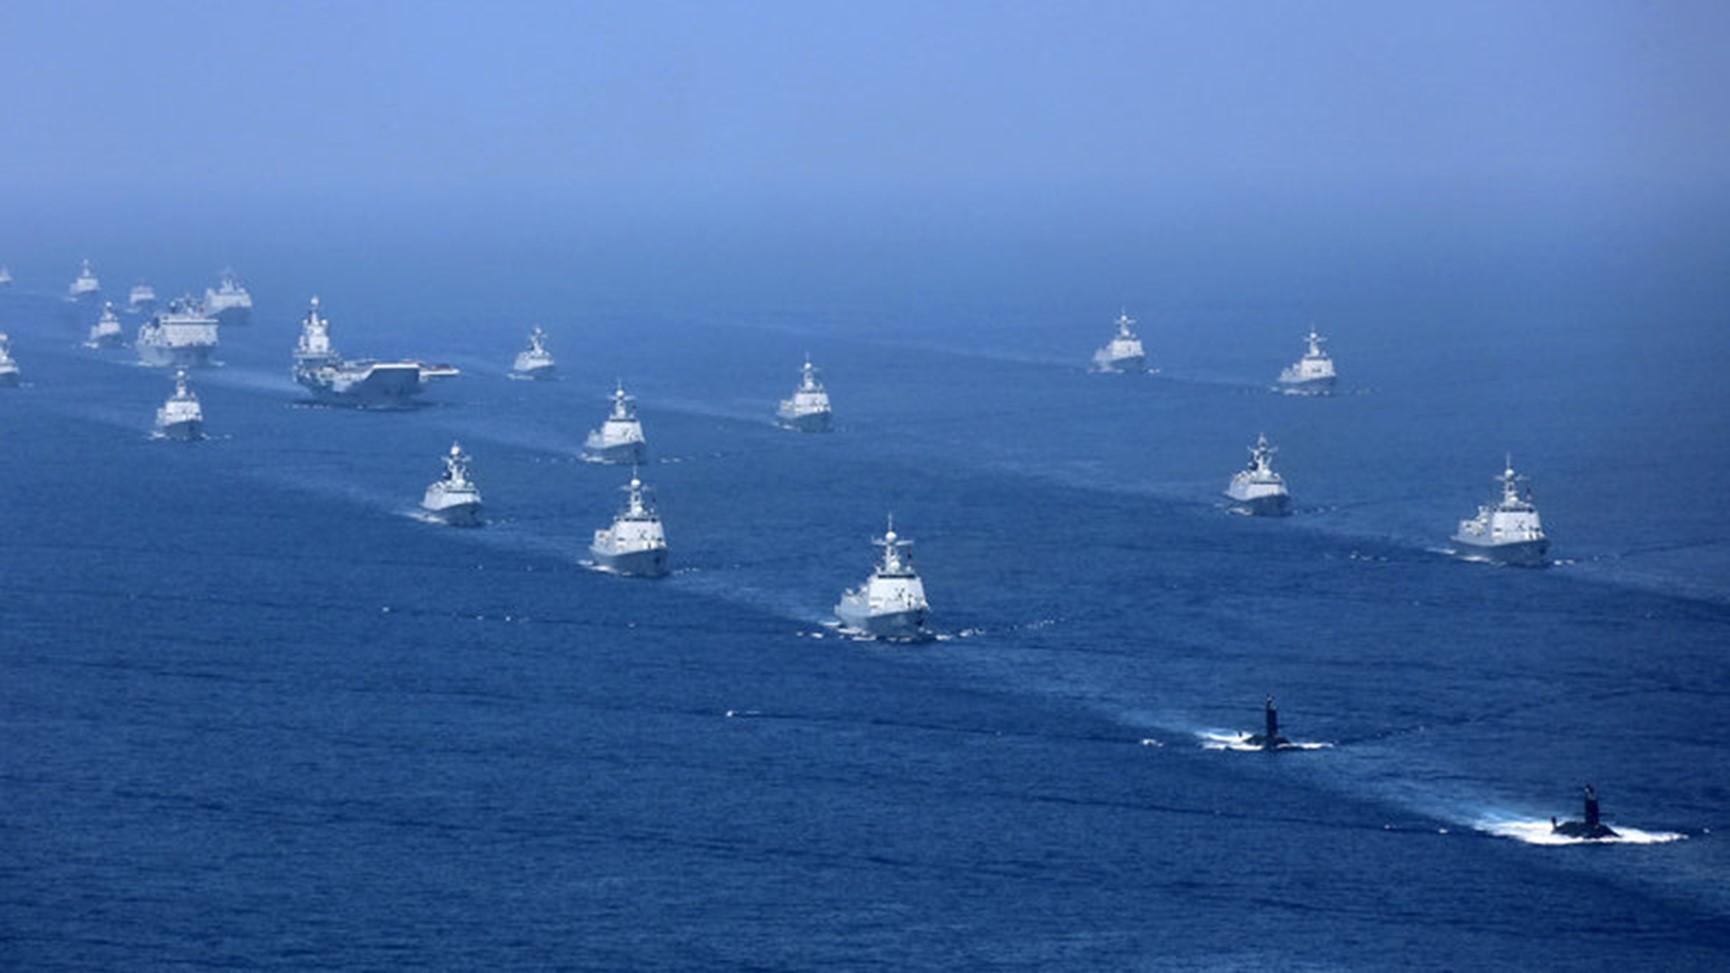 目前中国海军的数量规模全球第一。图为辽宁舰航母编队在南海操演。(AP)